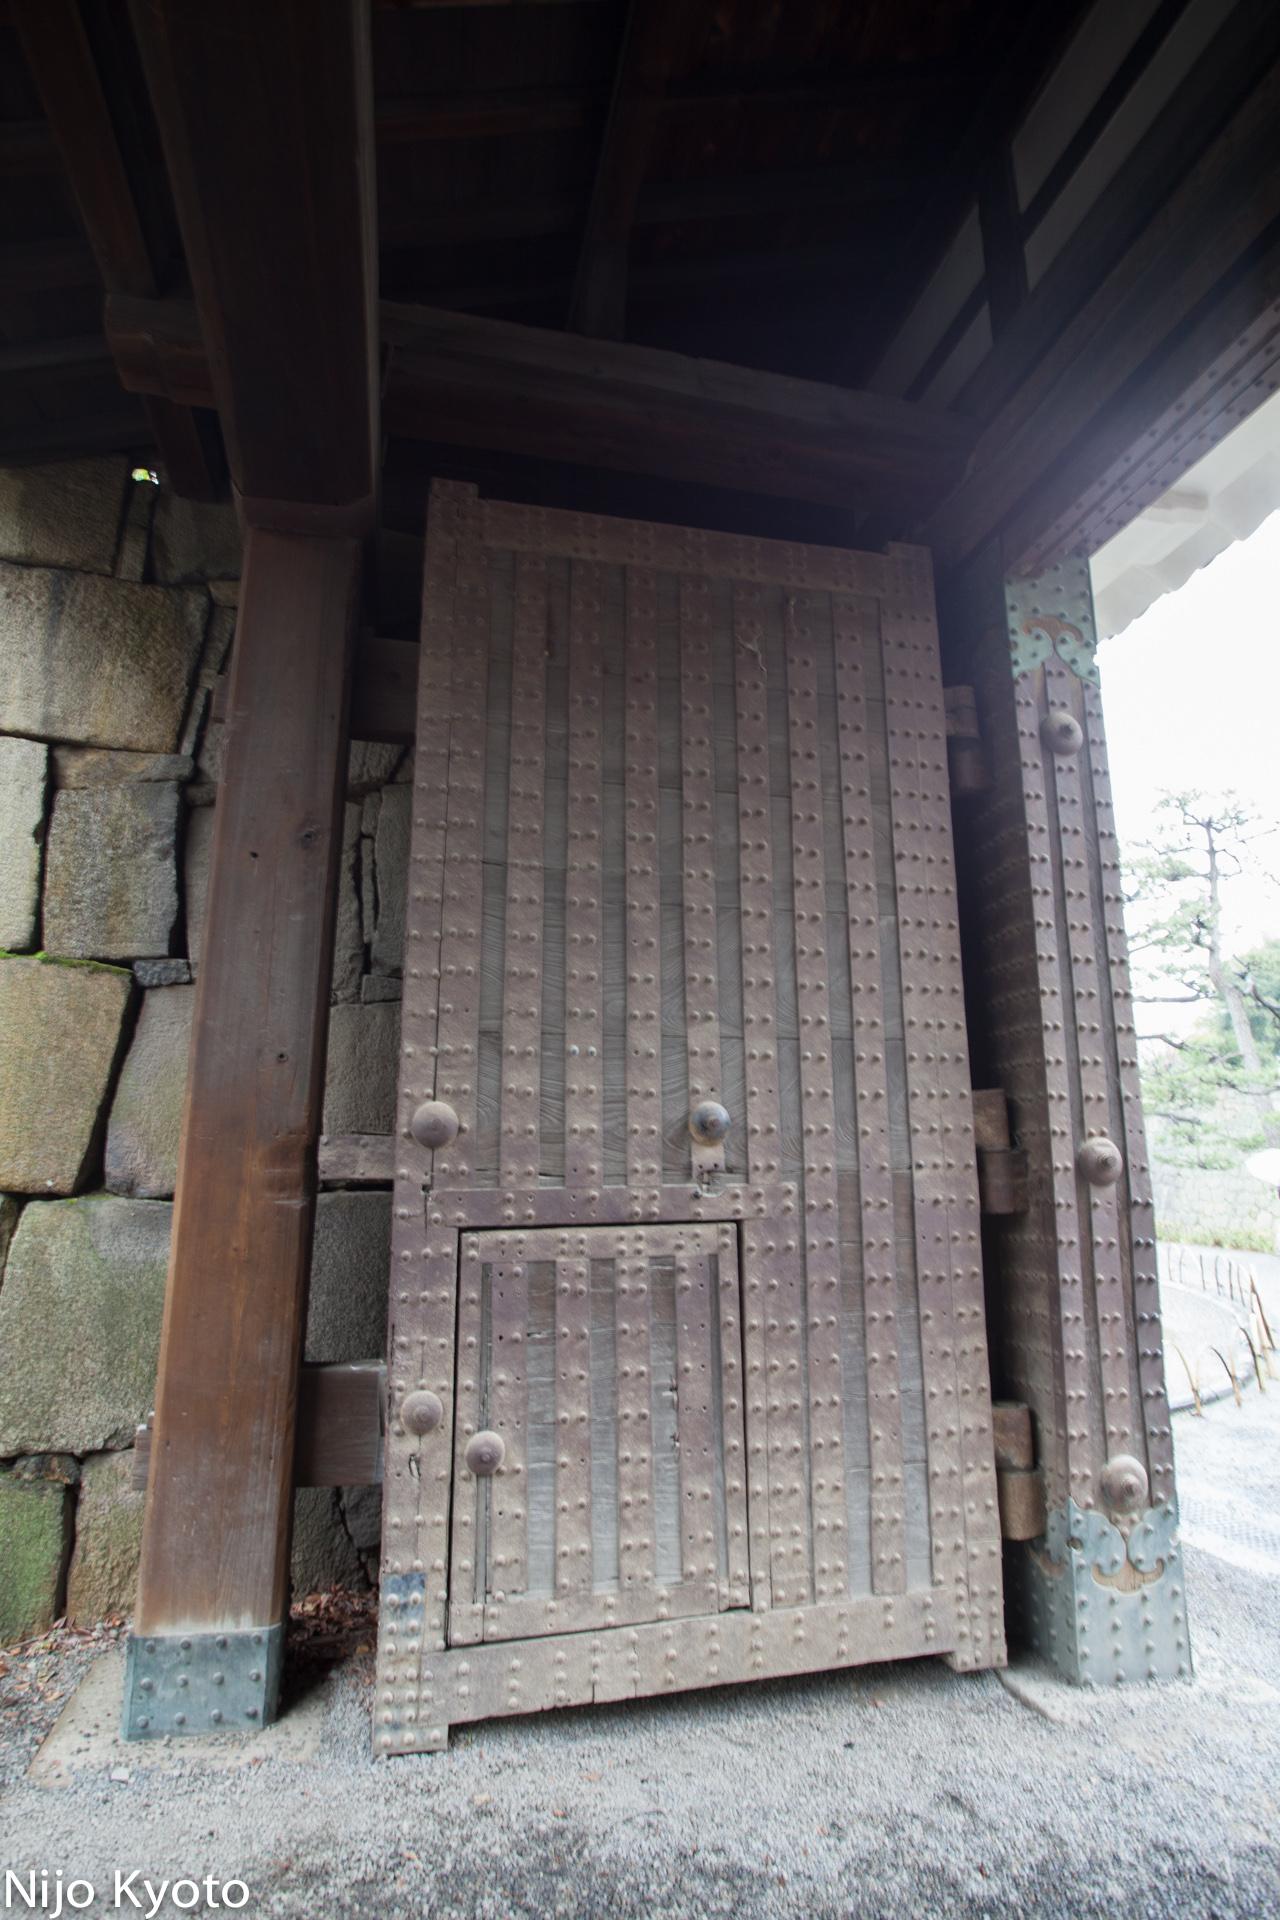 nijo_kyoto-22